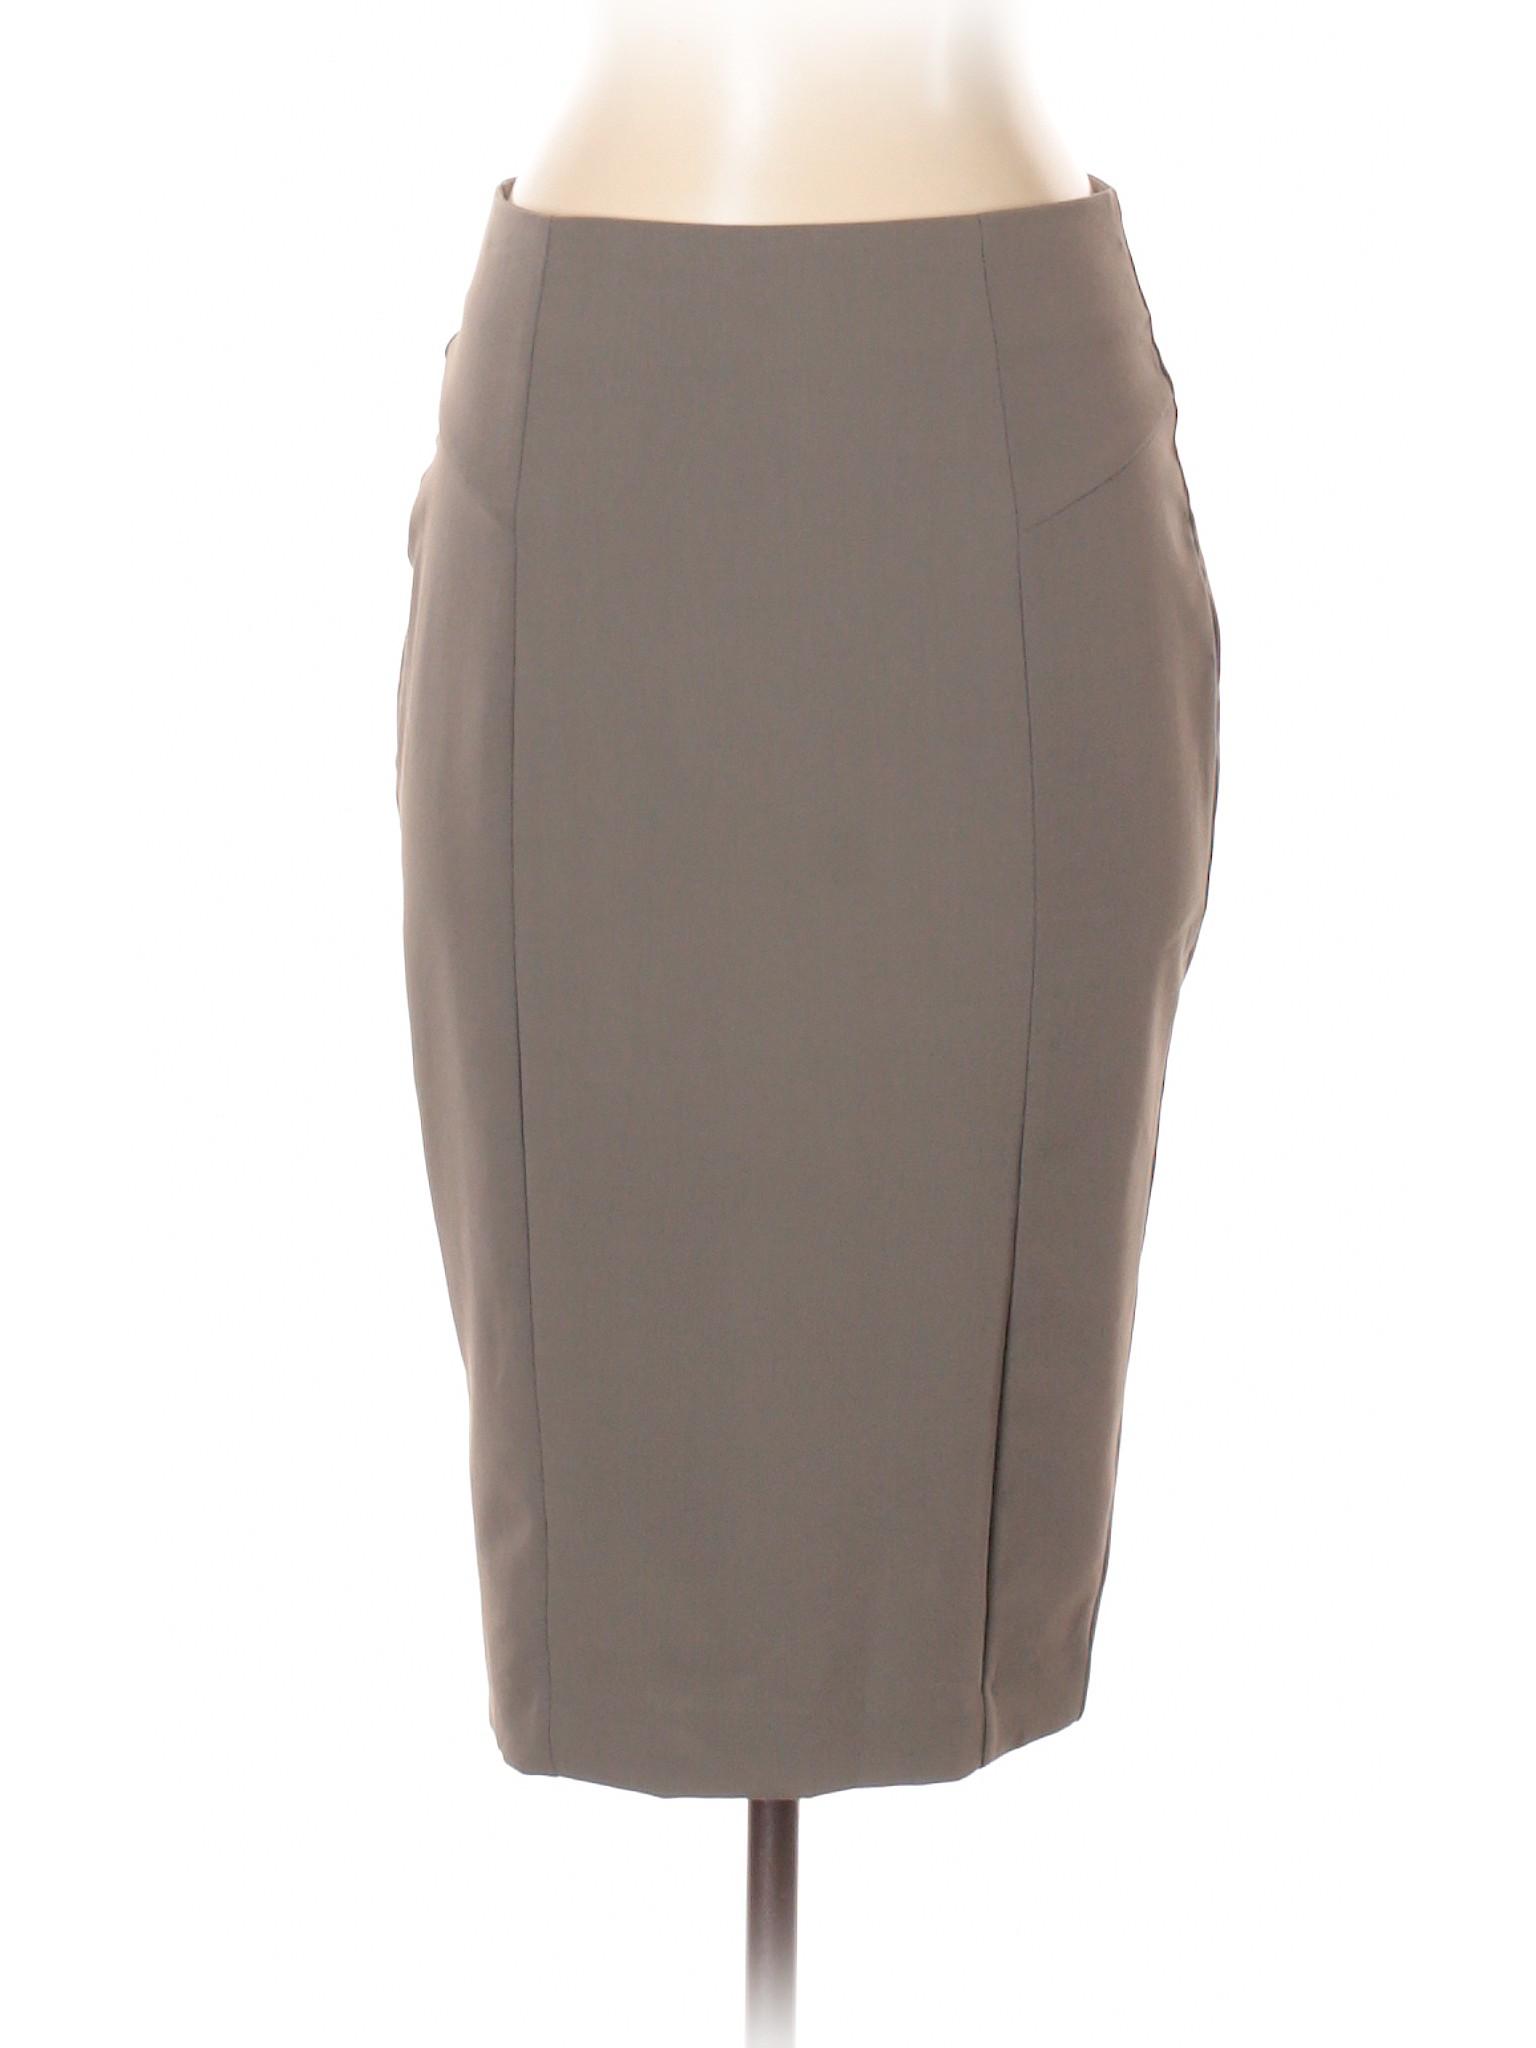 Boutique Skirt leisure Boutique Casual leisure ASOS ASOS Casual wganz